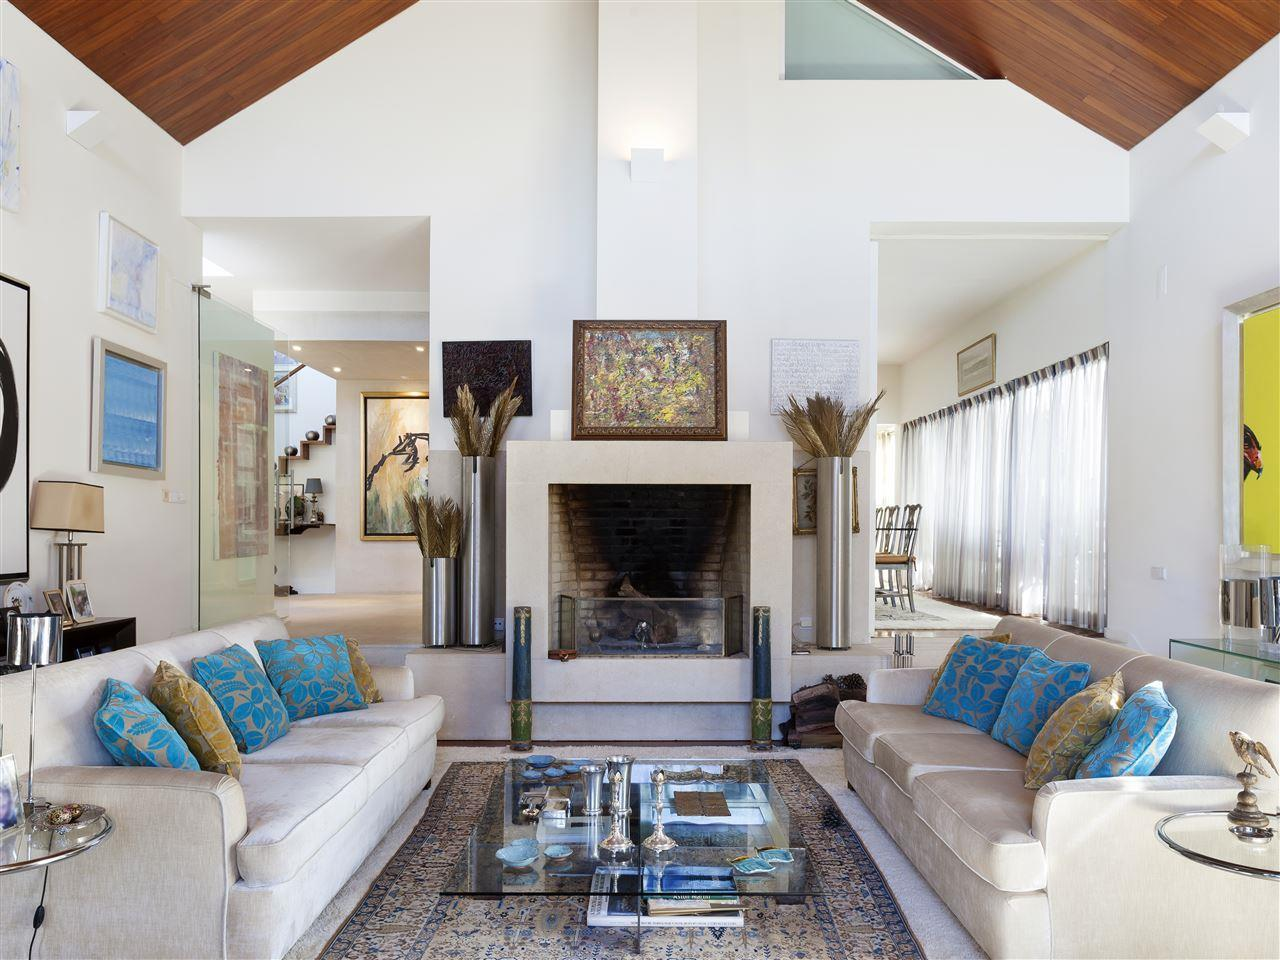 단독 가정 주택 용 매매 에 Detached house, 5 bedrooms, for Sale Quinta Patino, Cascais, 리스보아 포르투갈